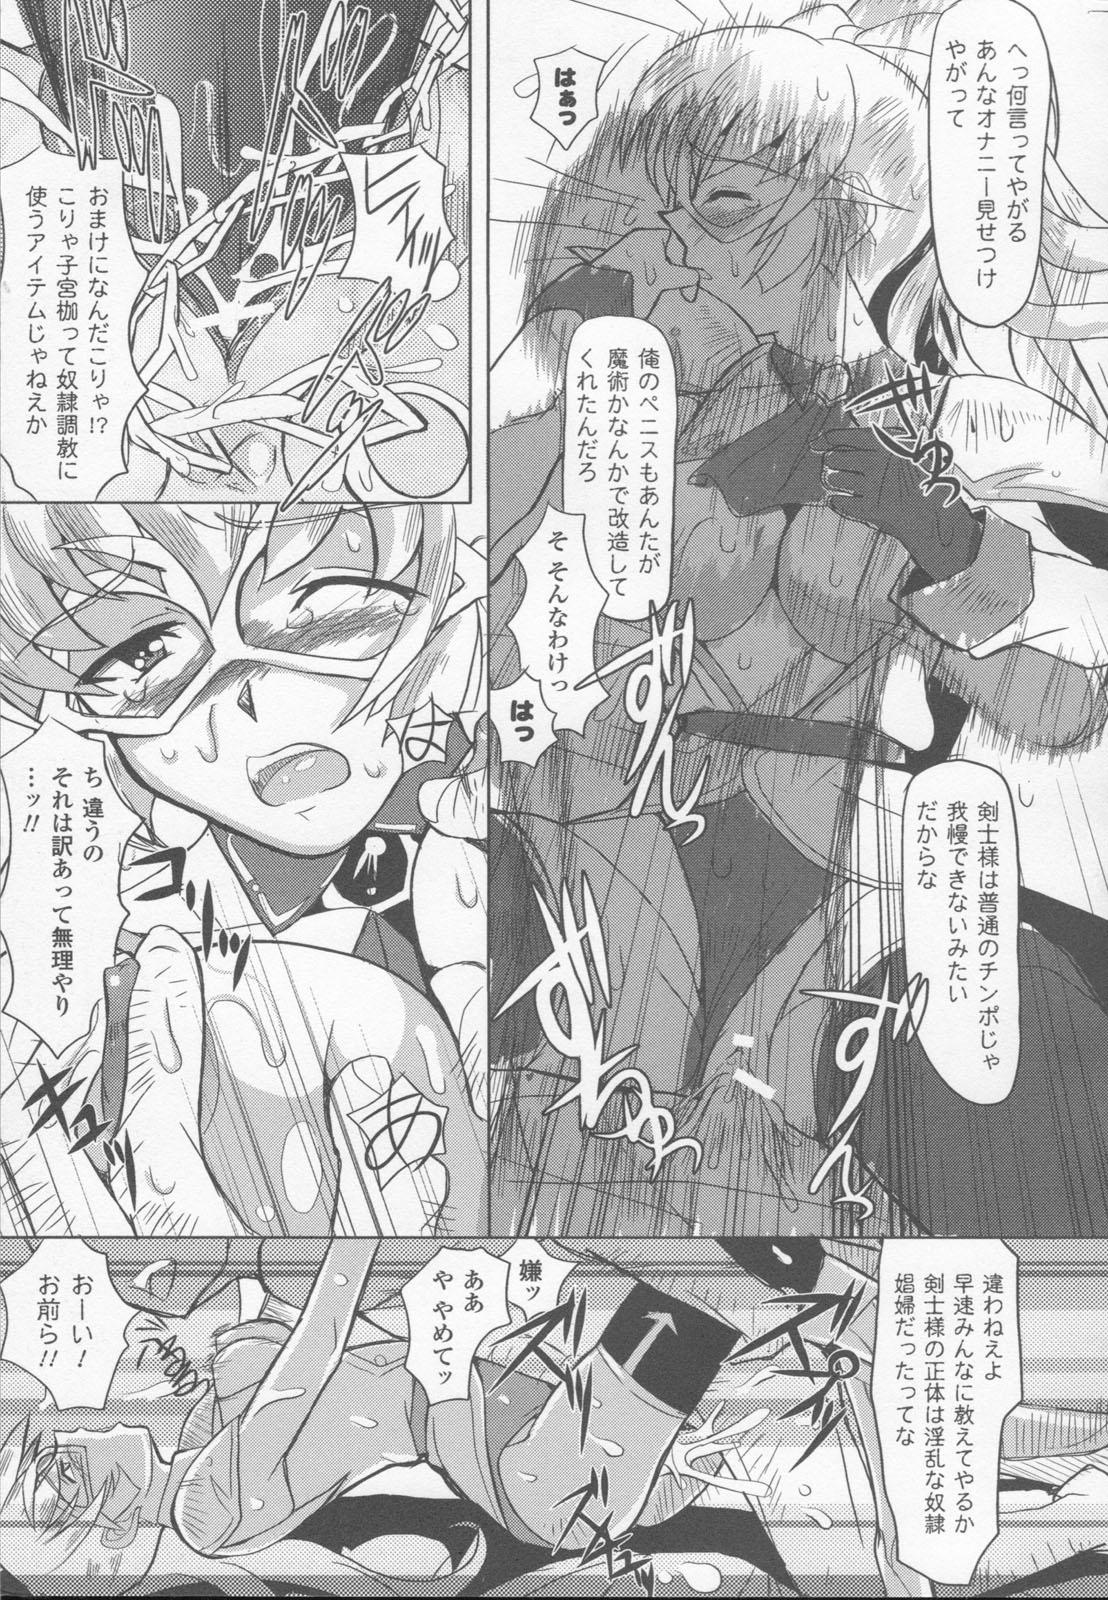 Shirayuri no Kenshi Anthology Comics 120